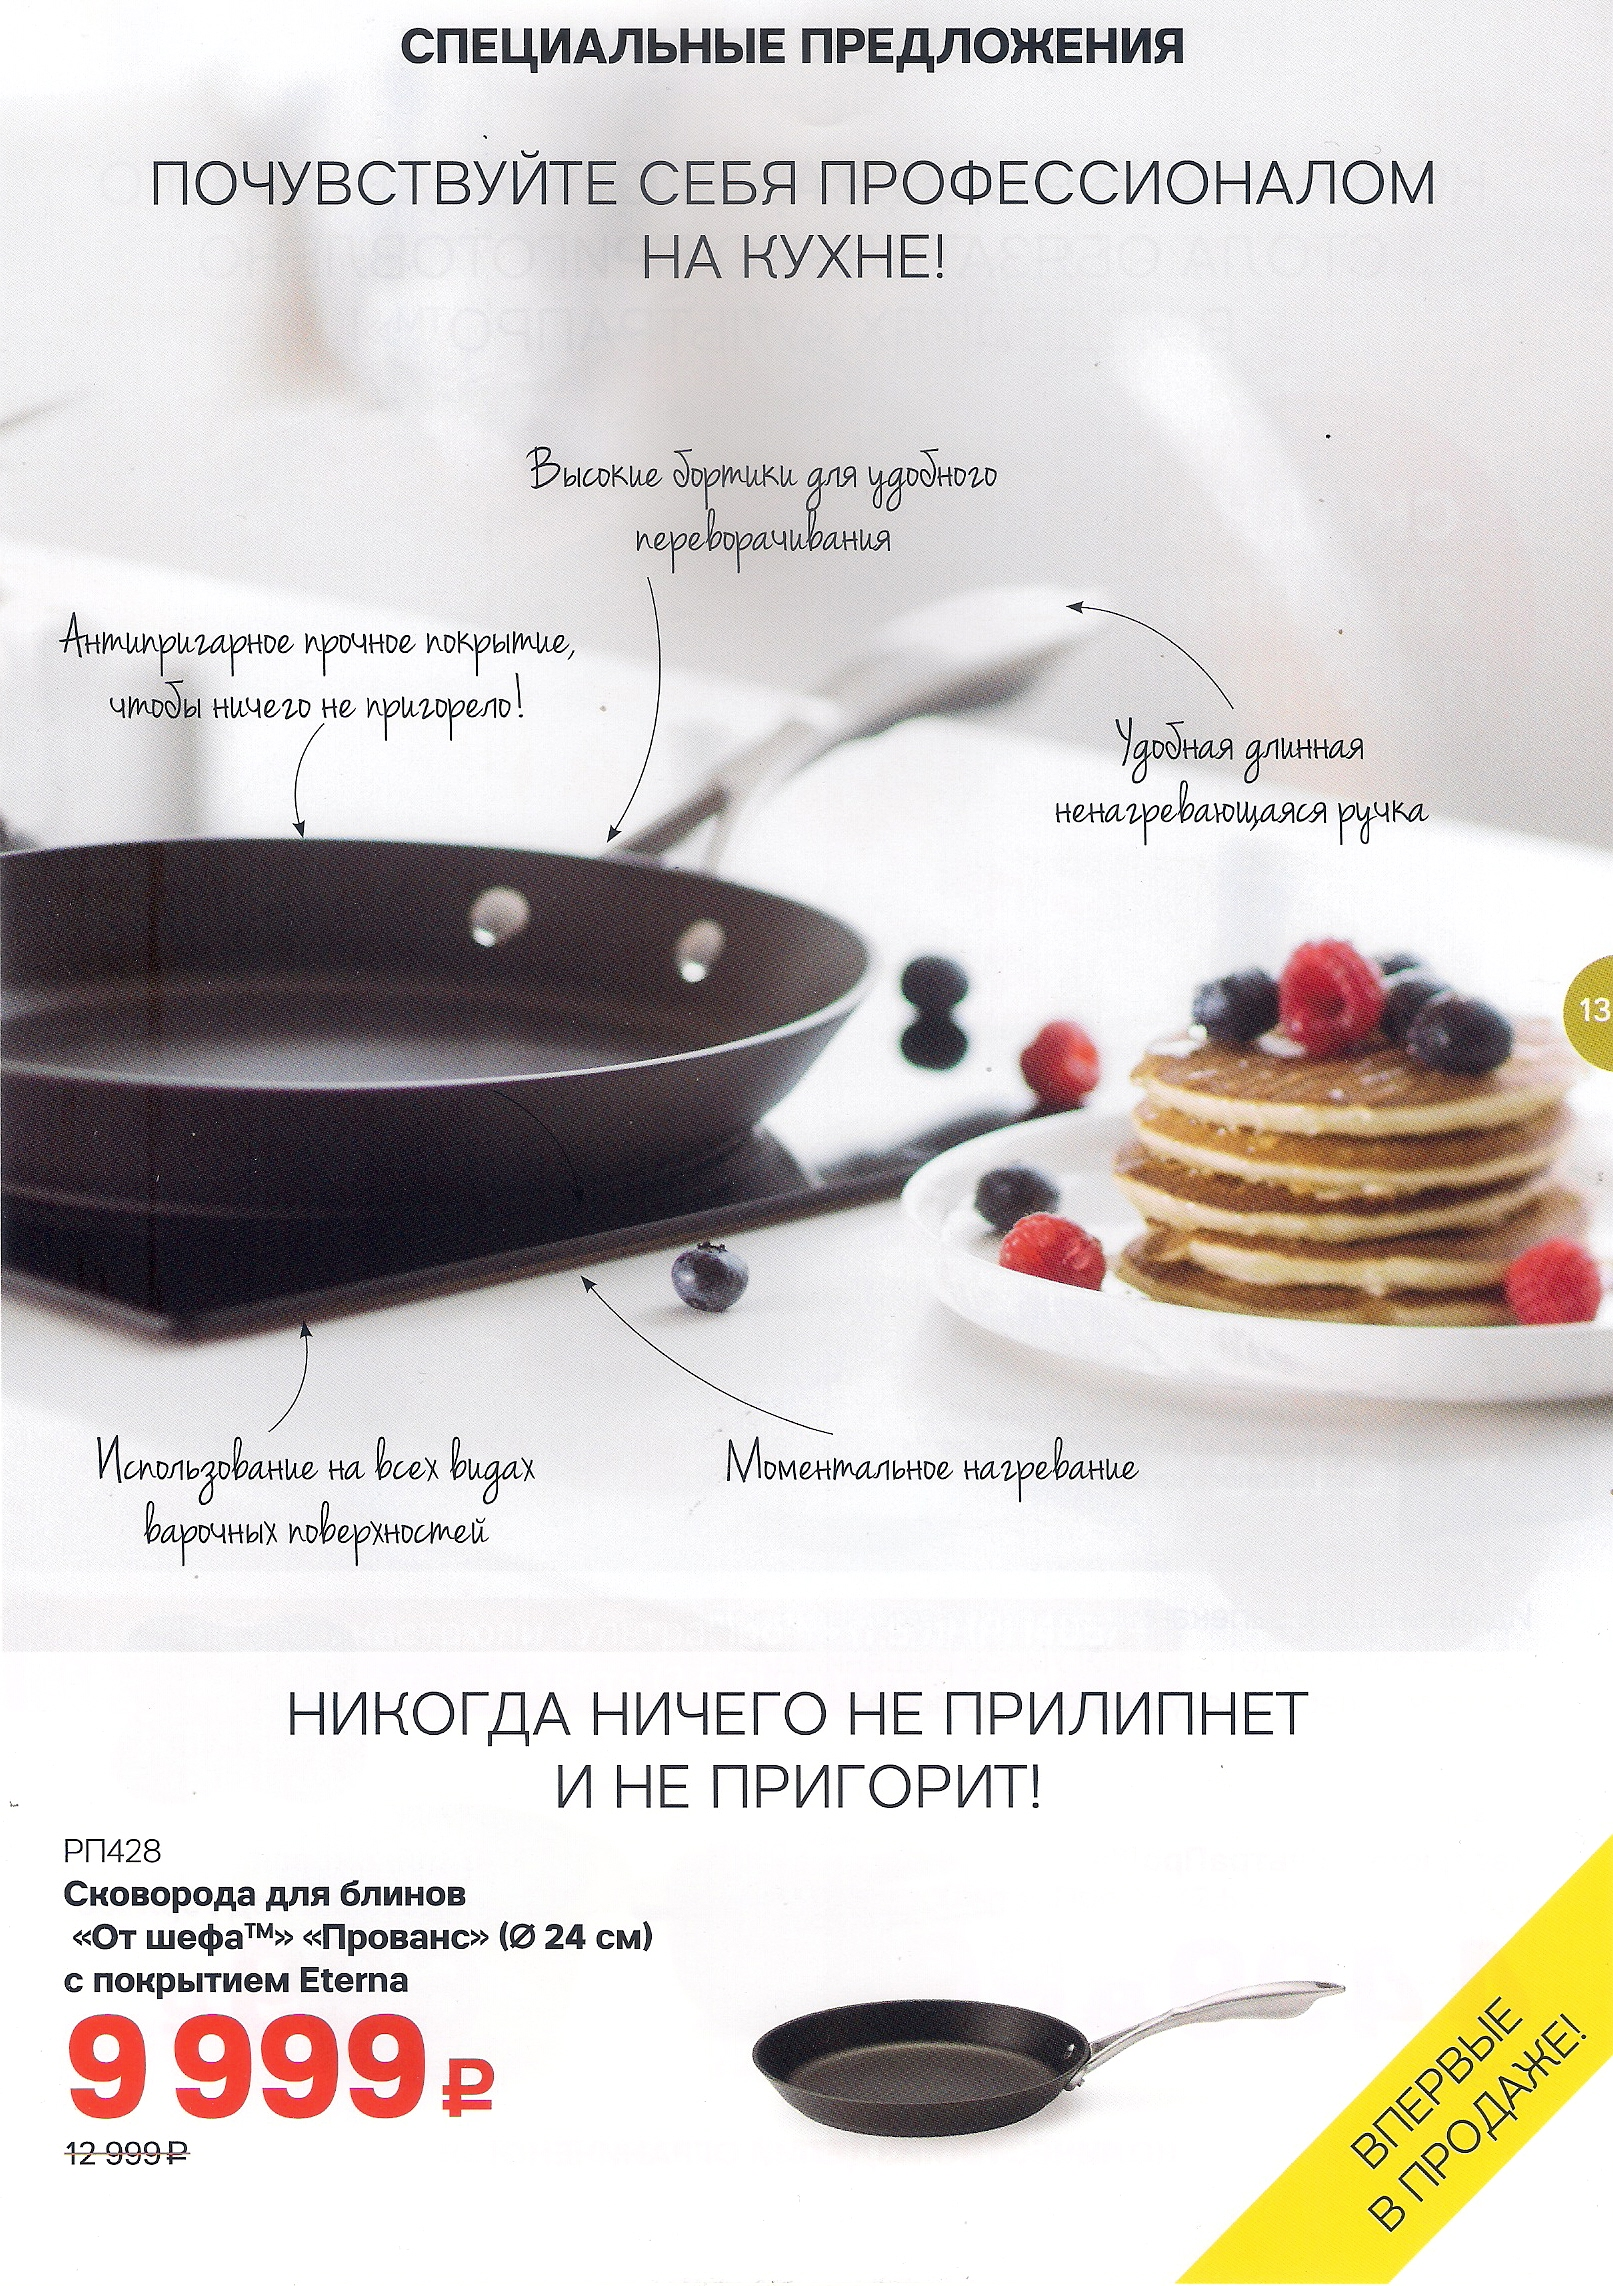 https://tupperware-online.ru/images/upload/12p.jpg